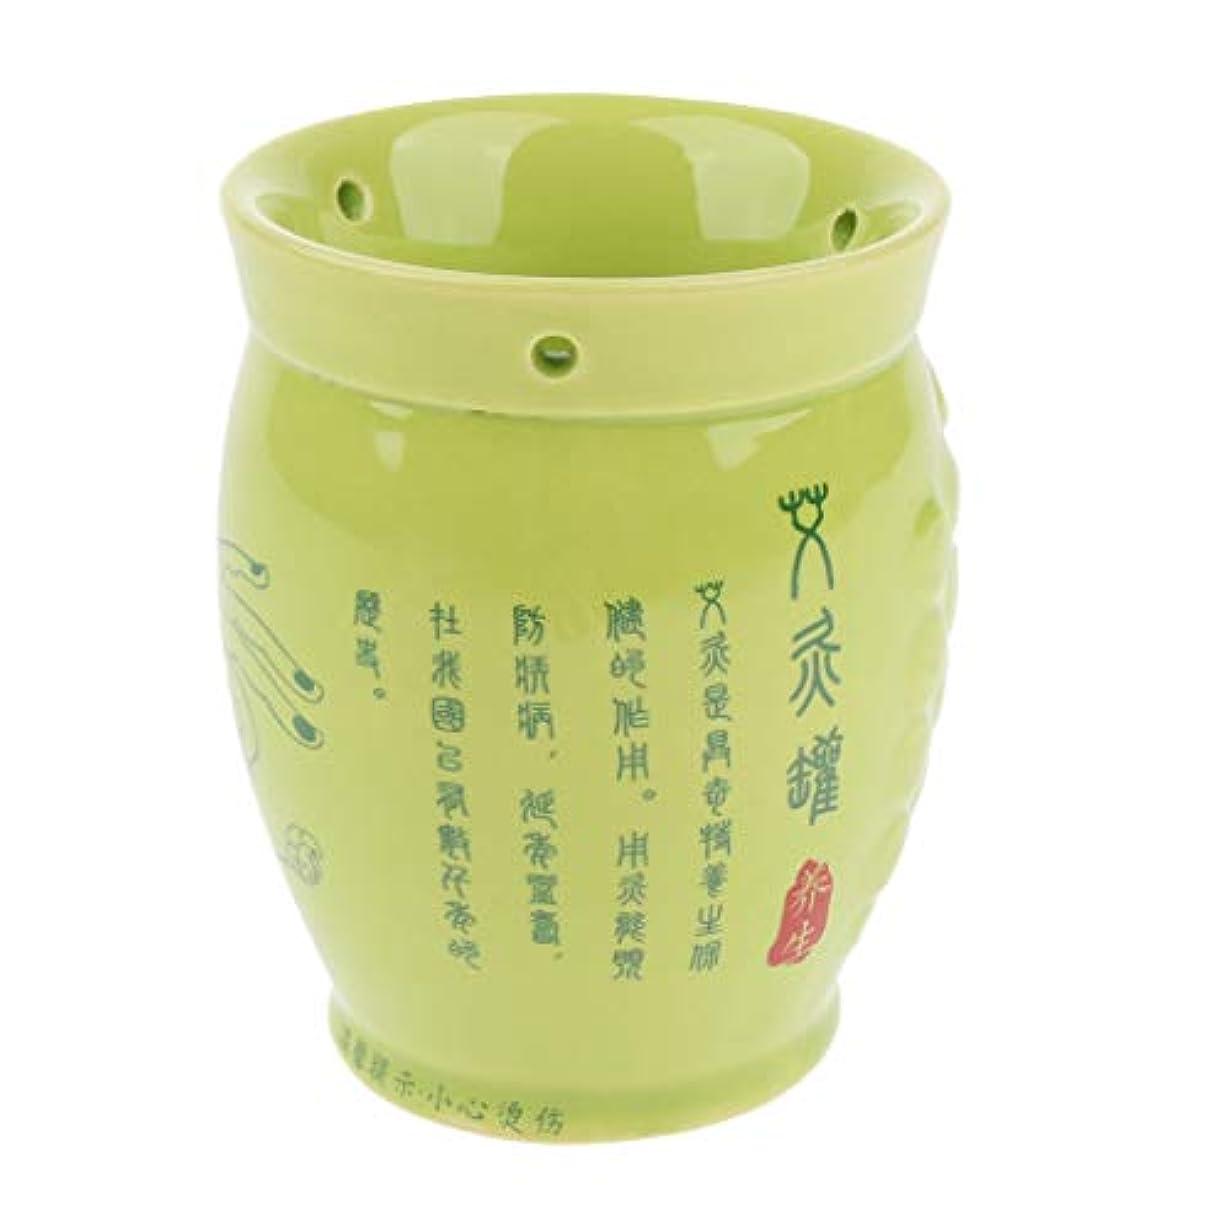 欠乏断片電話をかけるD DOLITY 中国式カッピングカップ 缶 ポット マッサージ お灸 セラミック製